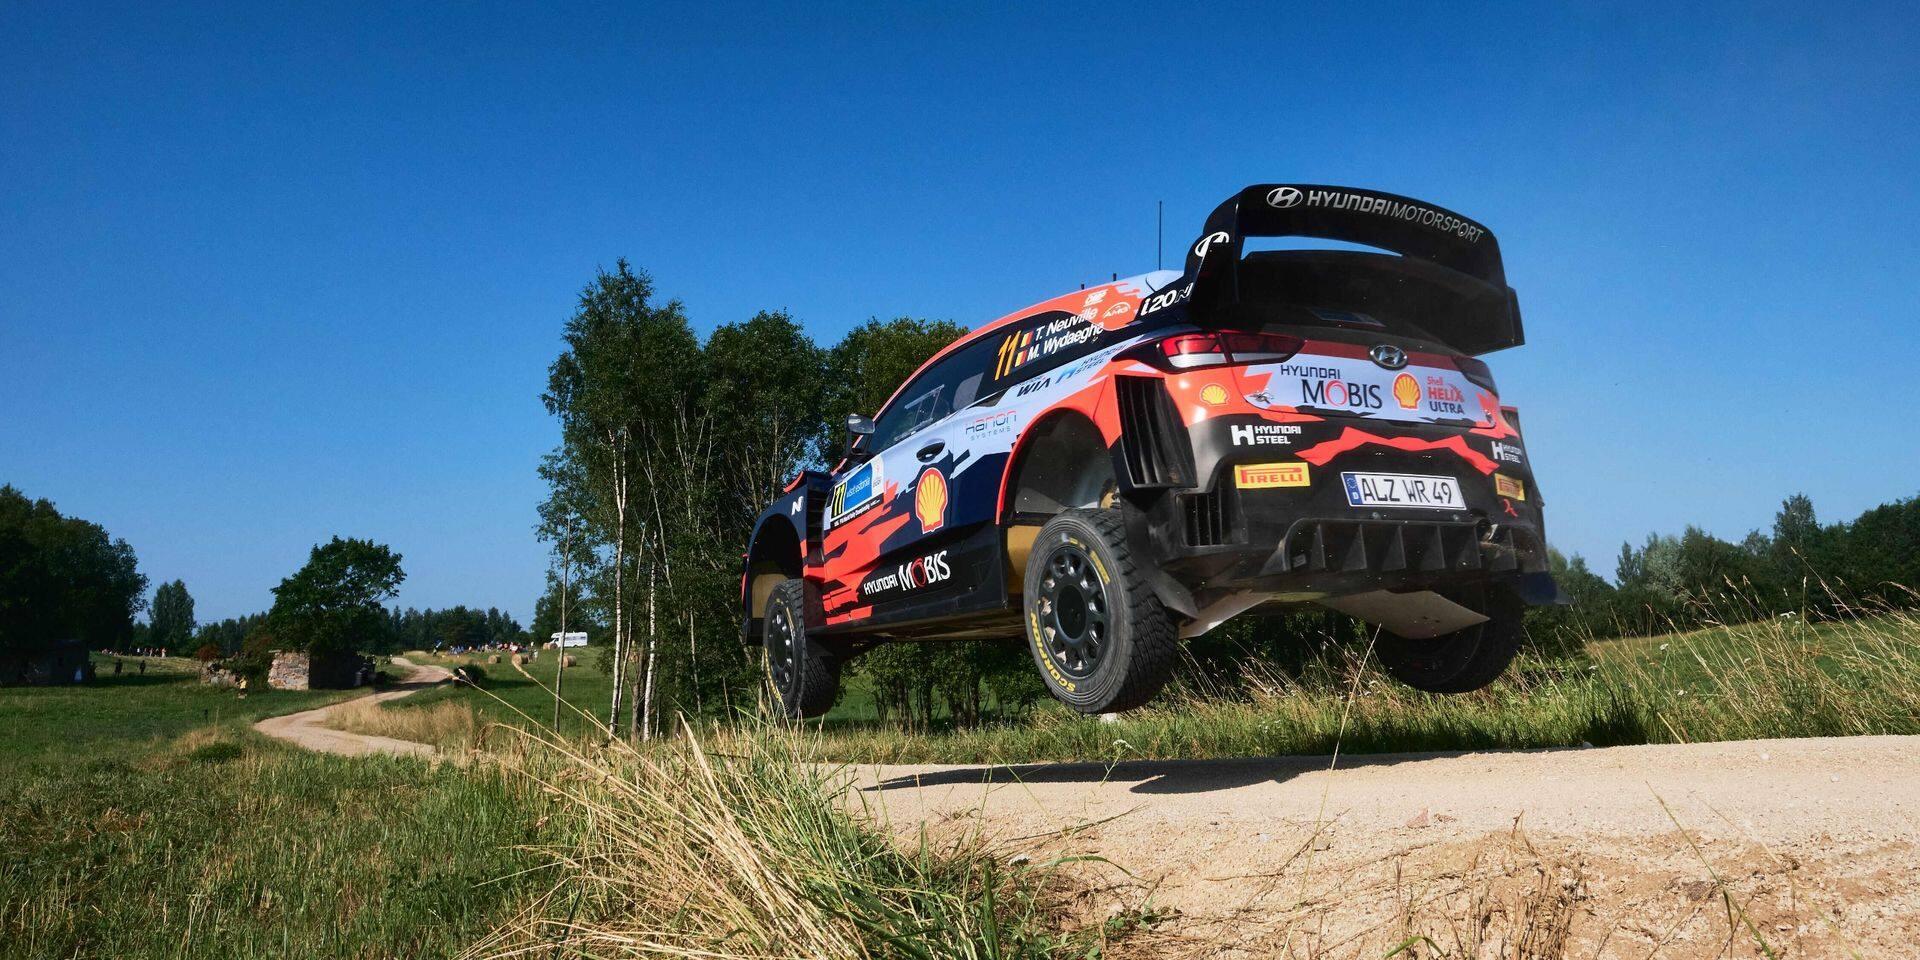 WRC Estonie: Kalle Rovanpera le plus rapide lors de la spéciale d'essais, Neuville 6e